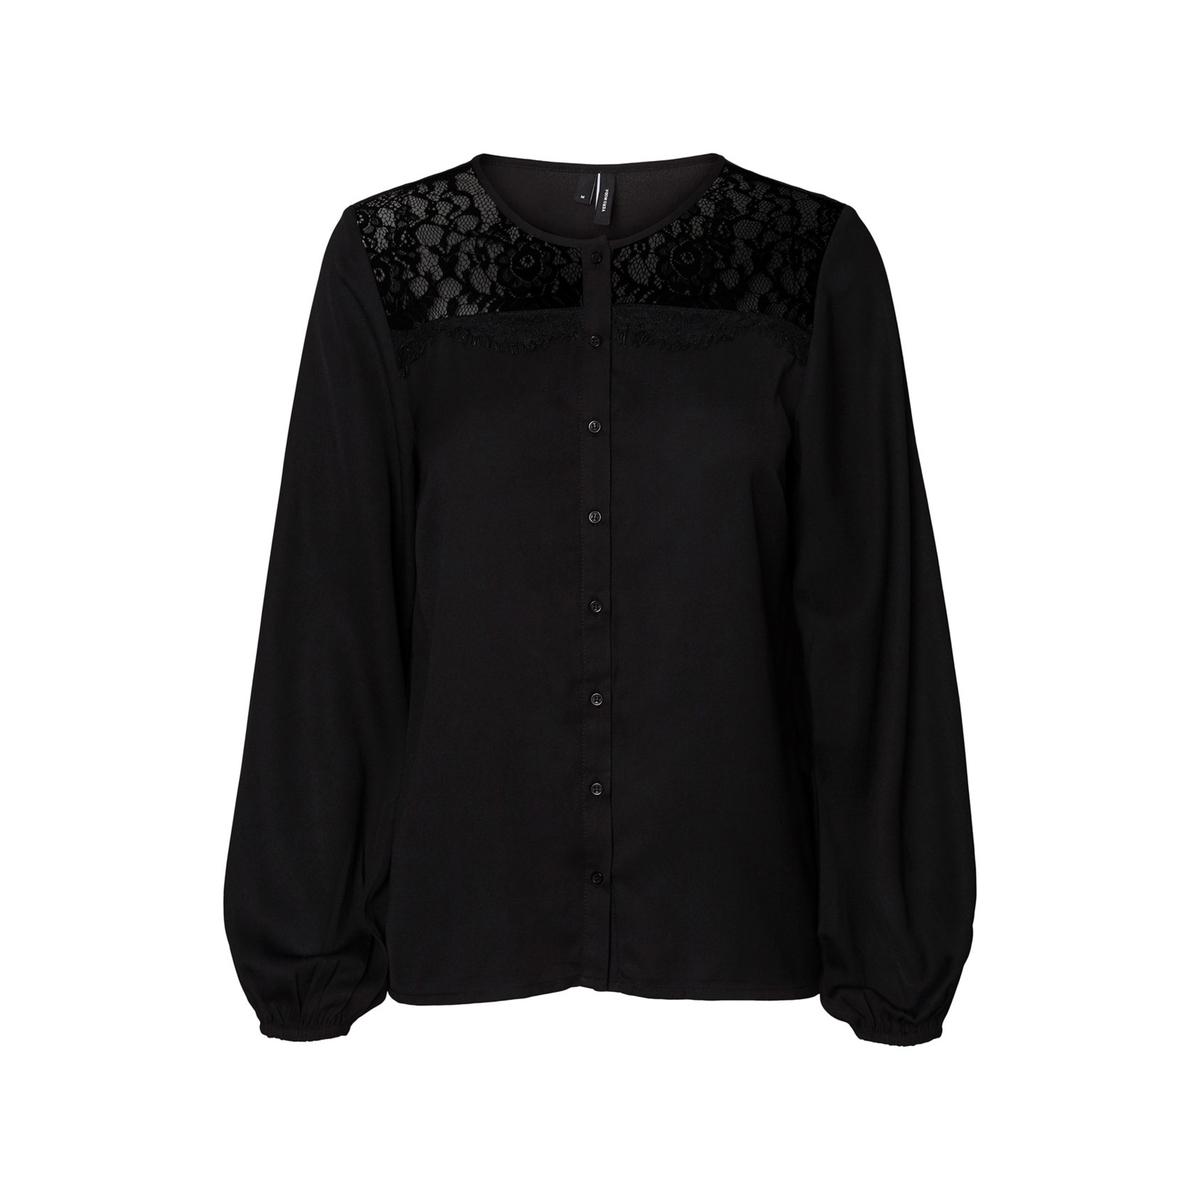 Блузка La Redoute С круглым вырезом и длинными рукавами XS черный блузка с круглым вырезом графическим рисунком и длинными рукавами